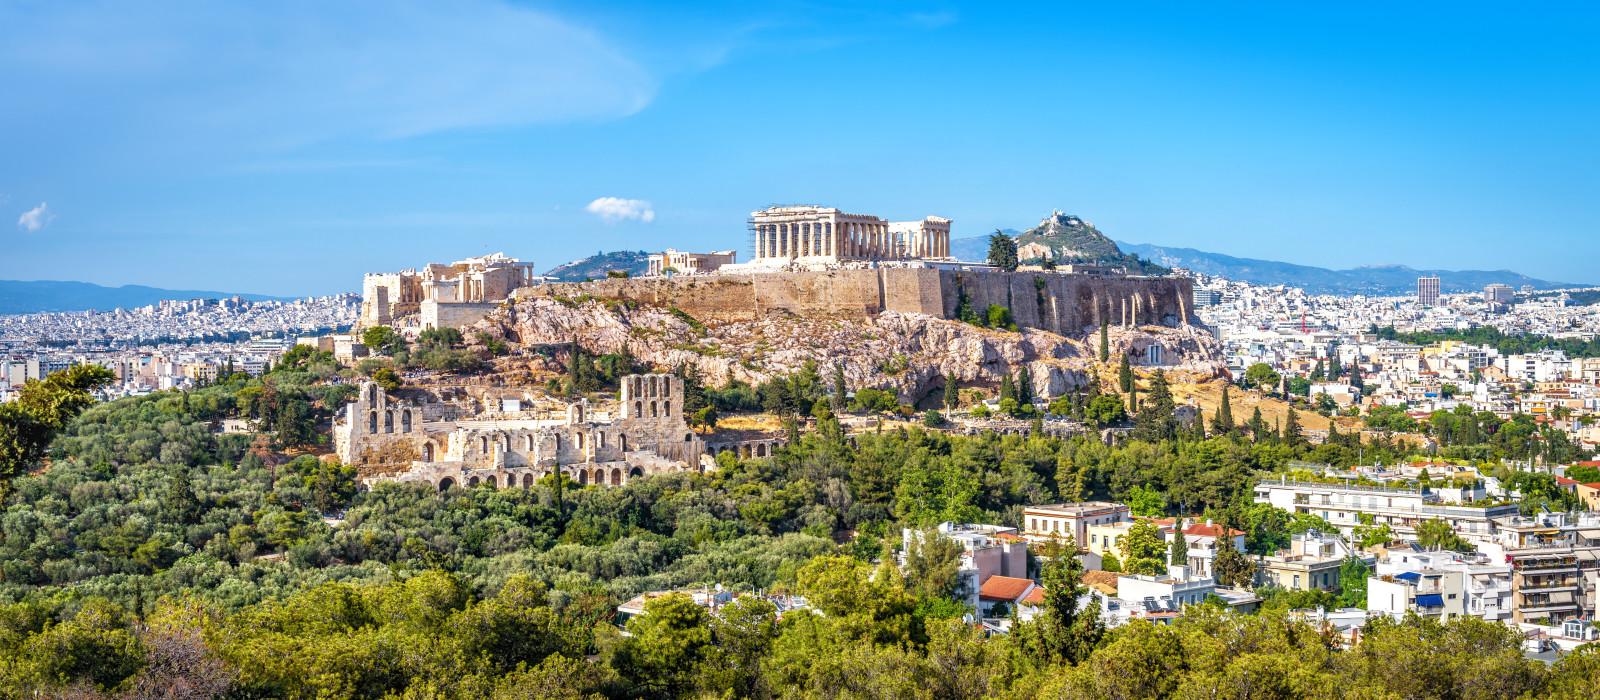 Griechenland Roadtrip – Festland & Peloponnes abseits ausgetretener Pfade Urlaub 1